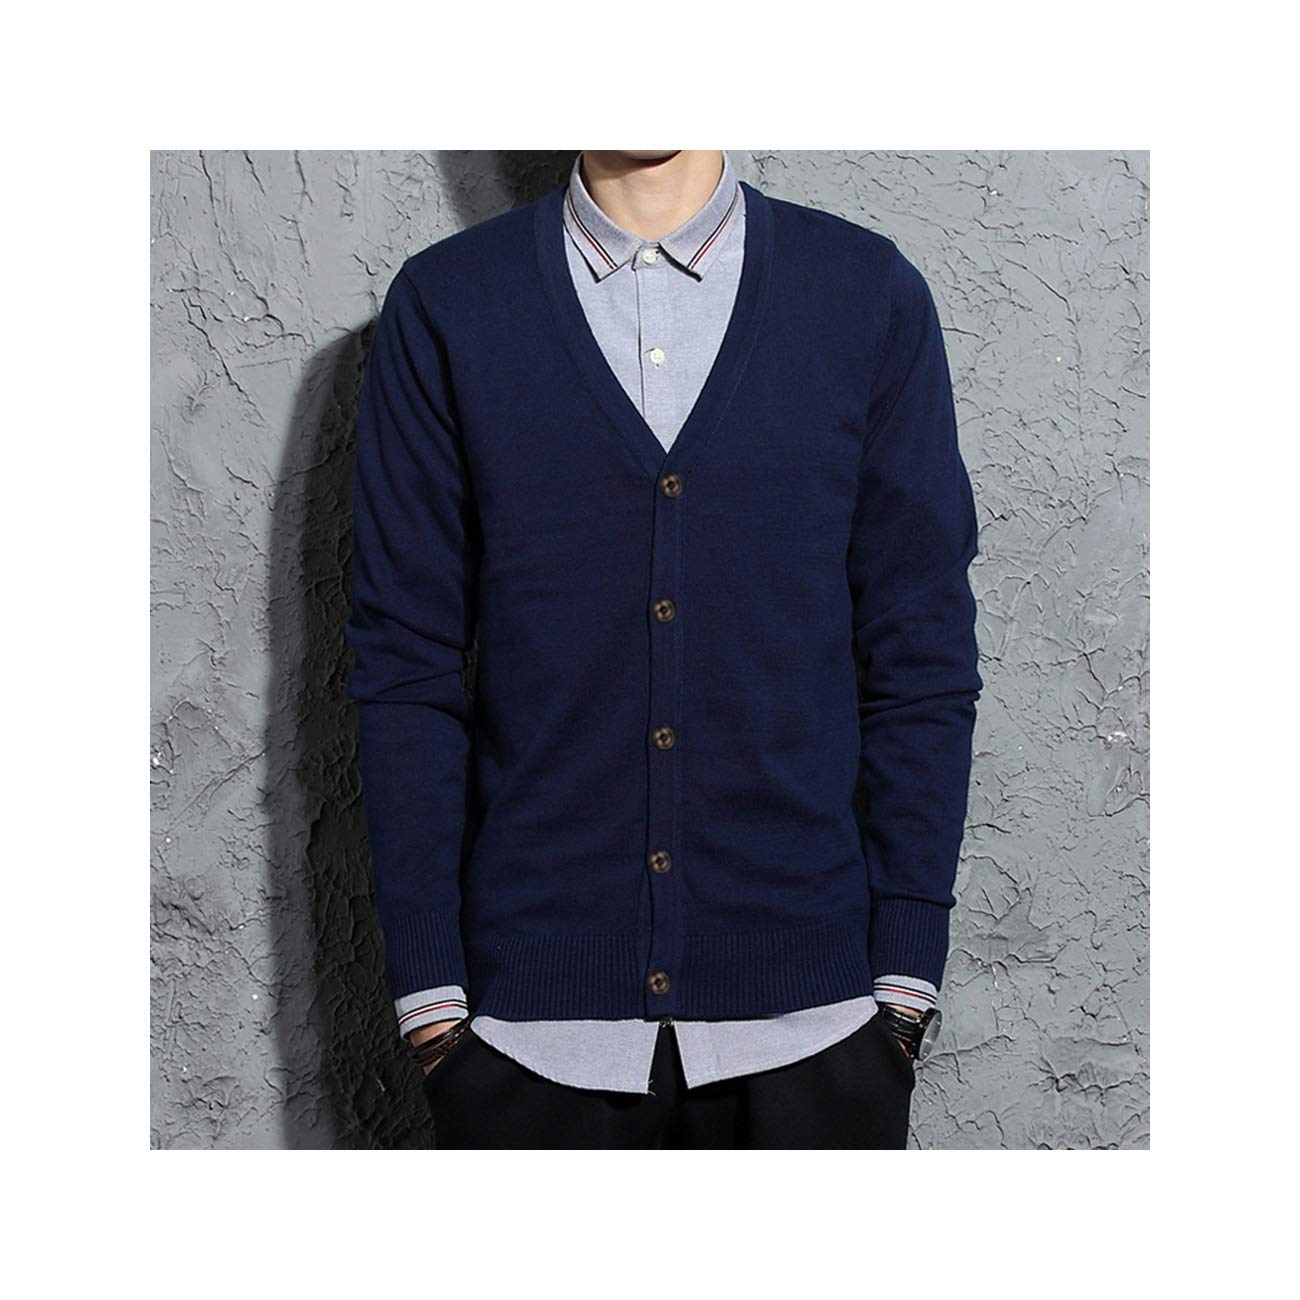 MLULPQ& 100% Cotton V-Neck Cardigan Men Sweater Autumn Winter Mens ...